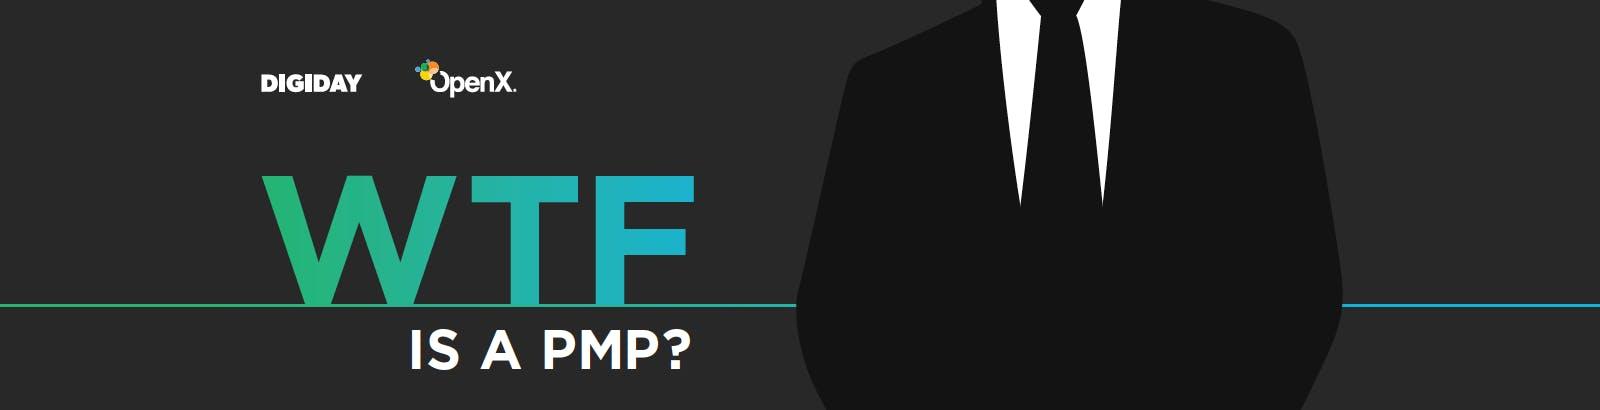 WTFisPMP Hero - WTF is a PMP?